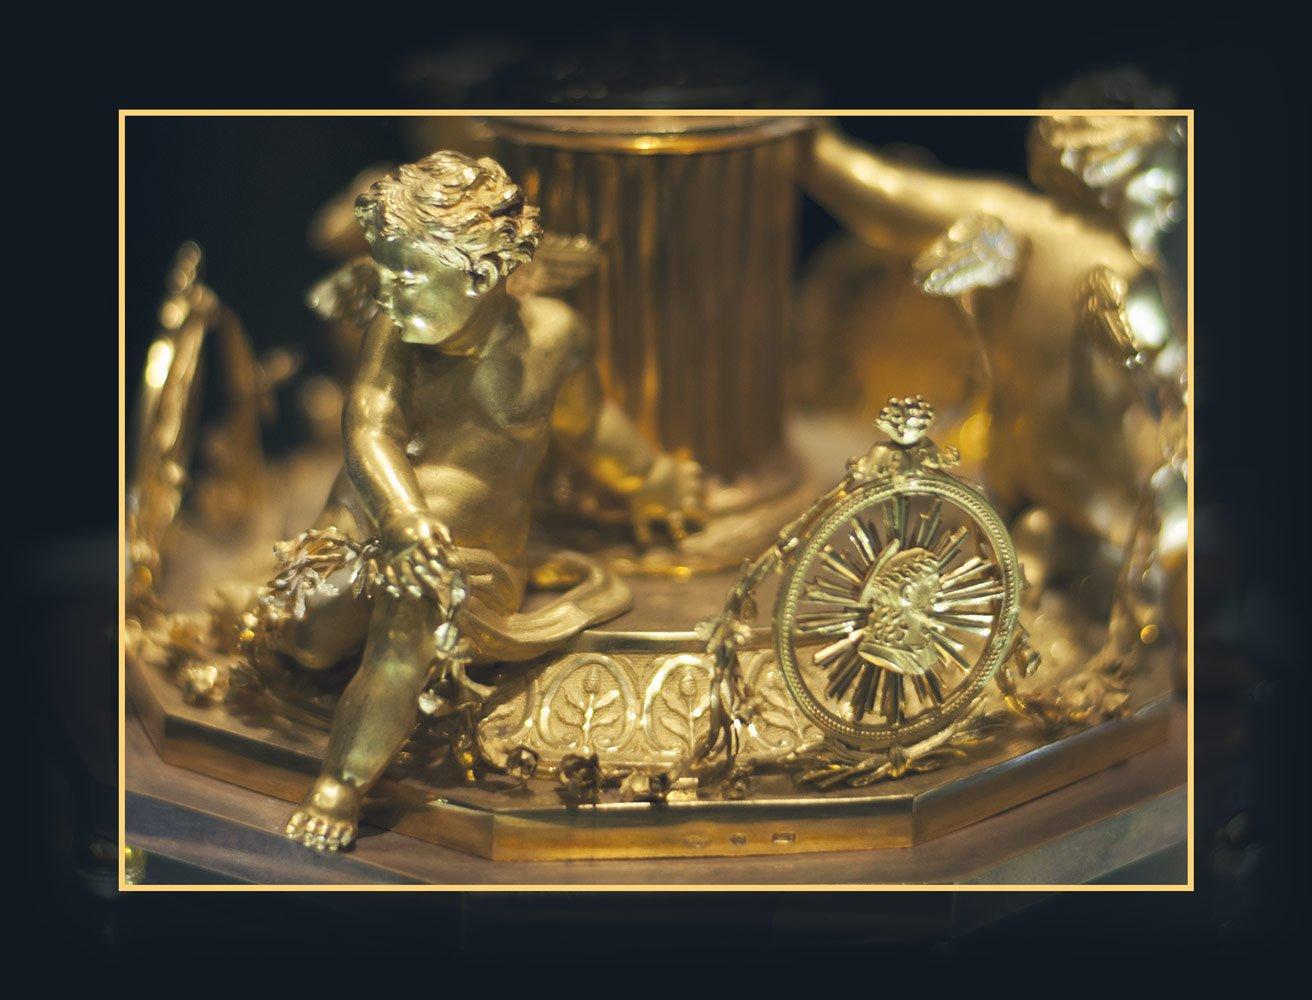 Dettaglio del calice d'oro donato da Papa Pio IX